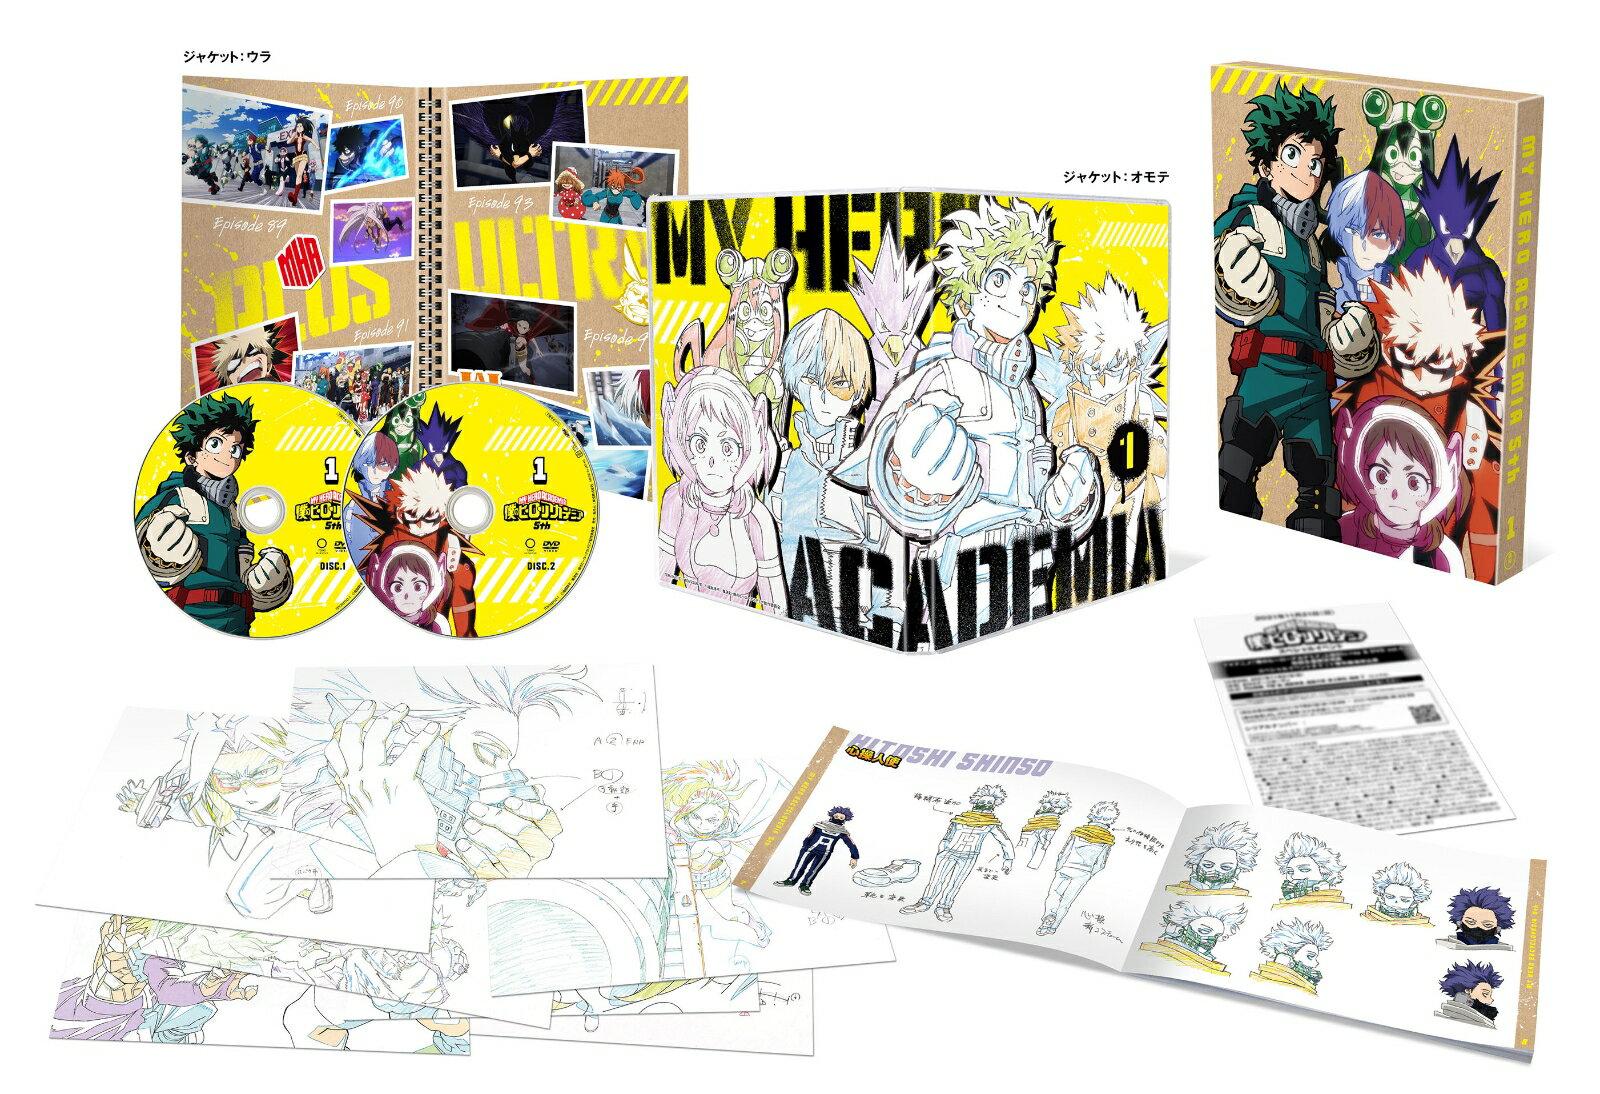 僕のヒーローアカデミア 5th Vol.1(初回生産限定版)